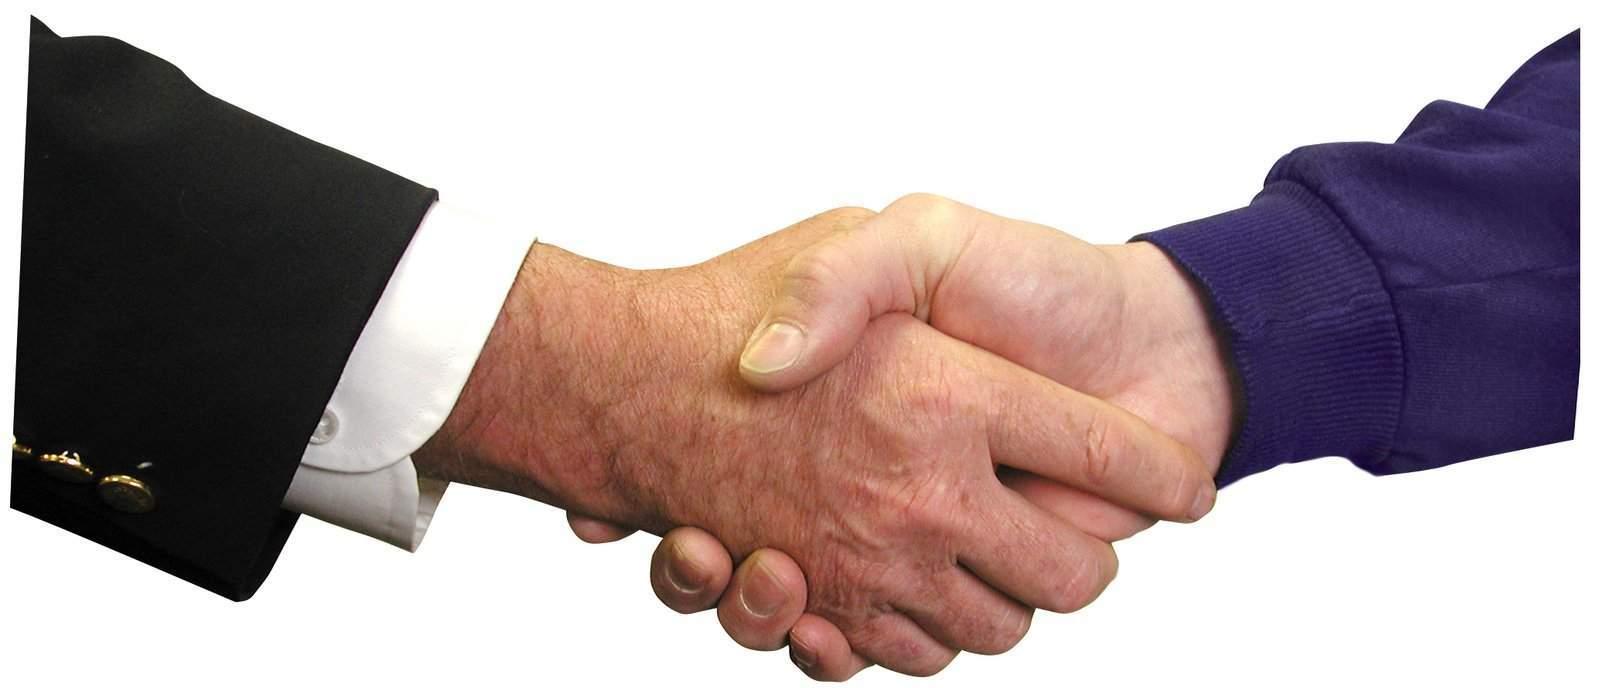 handshake-jul-31